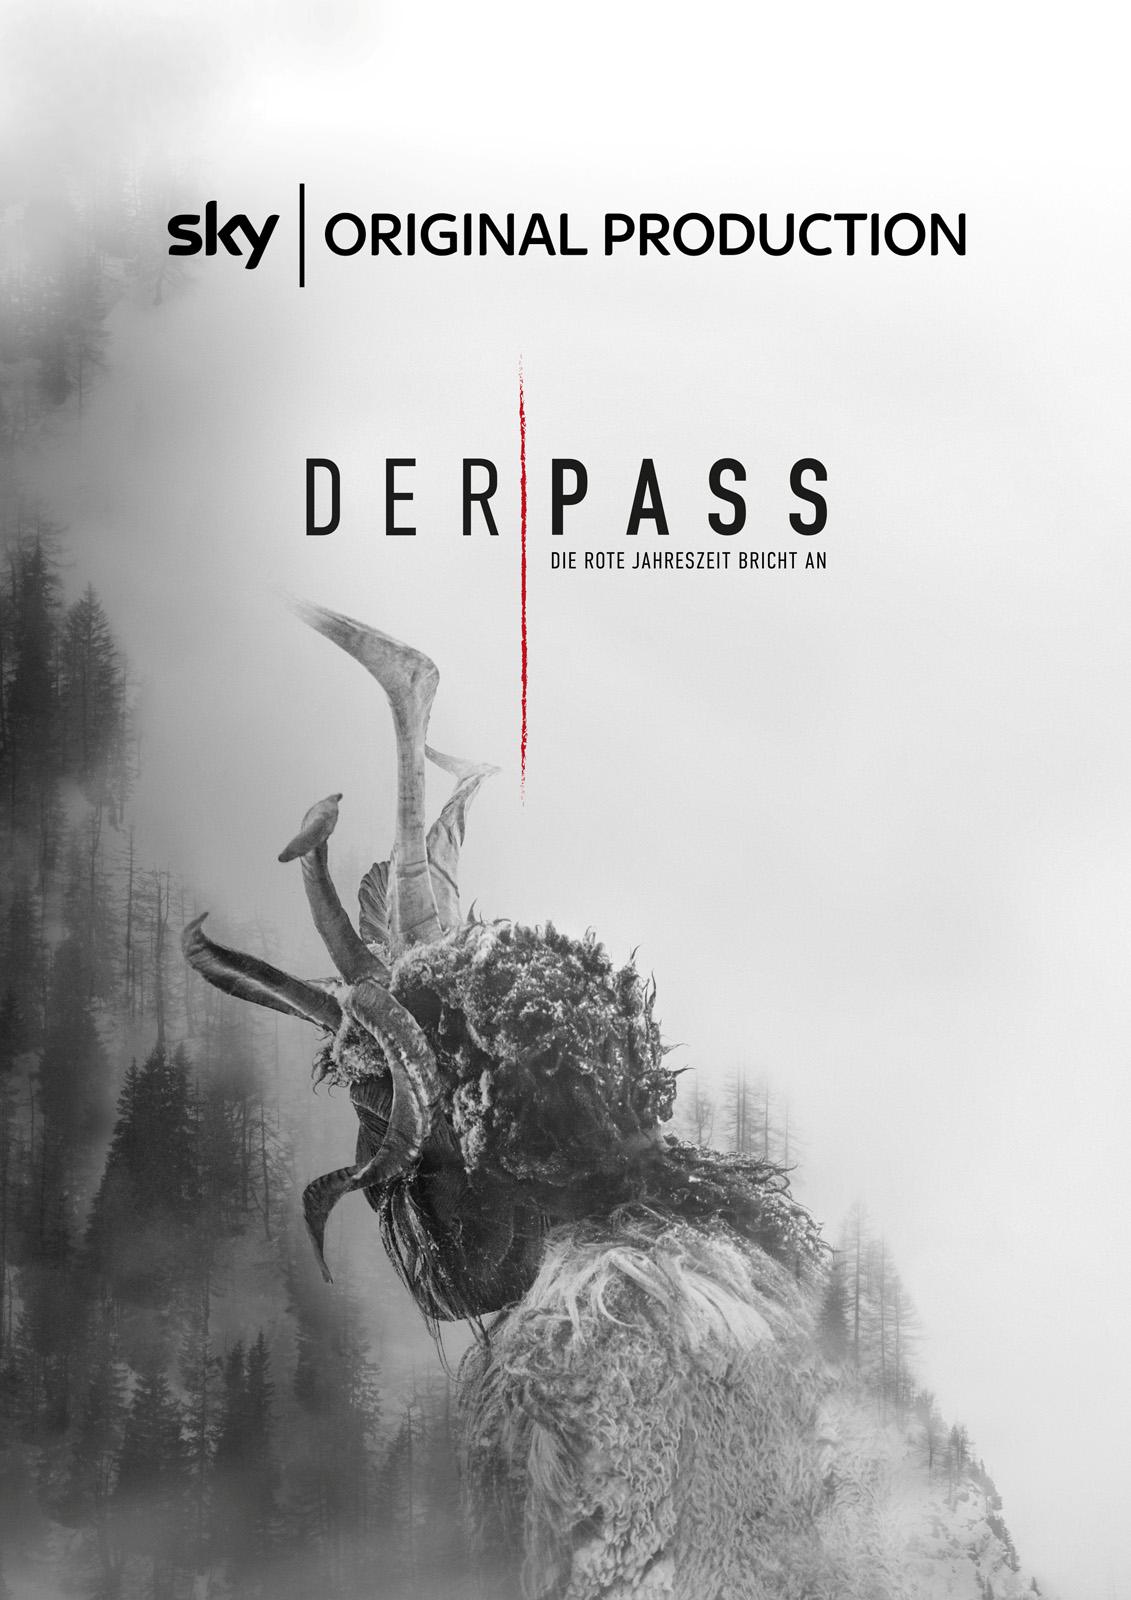 Der Pass Serie Schauspieler